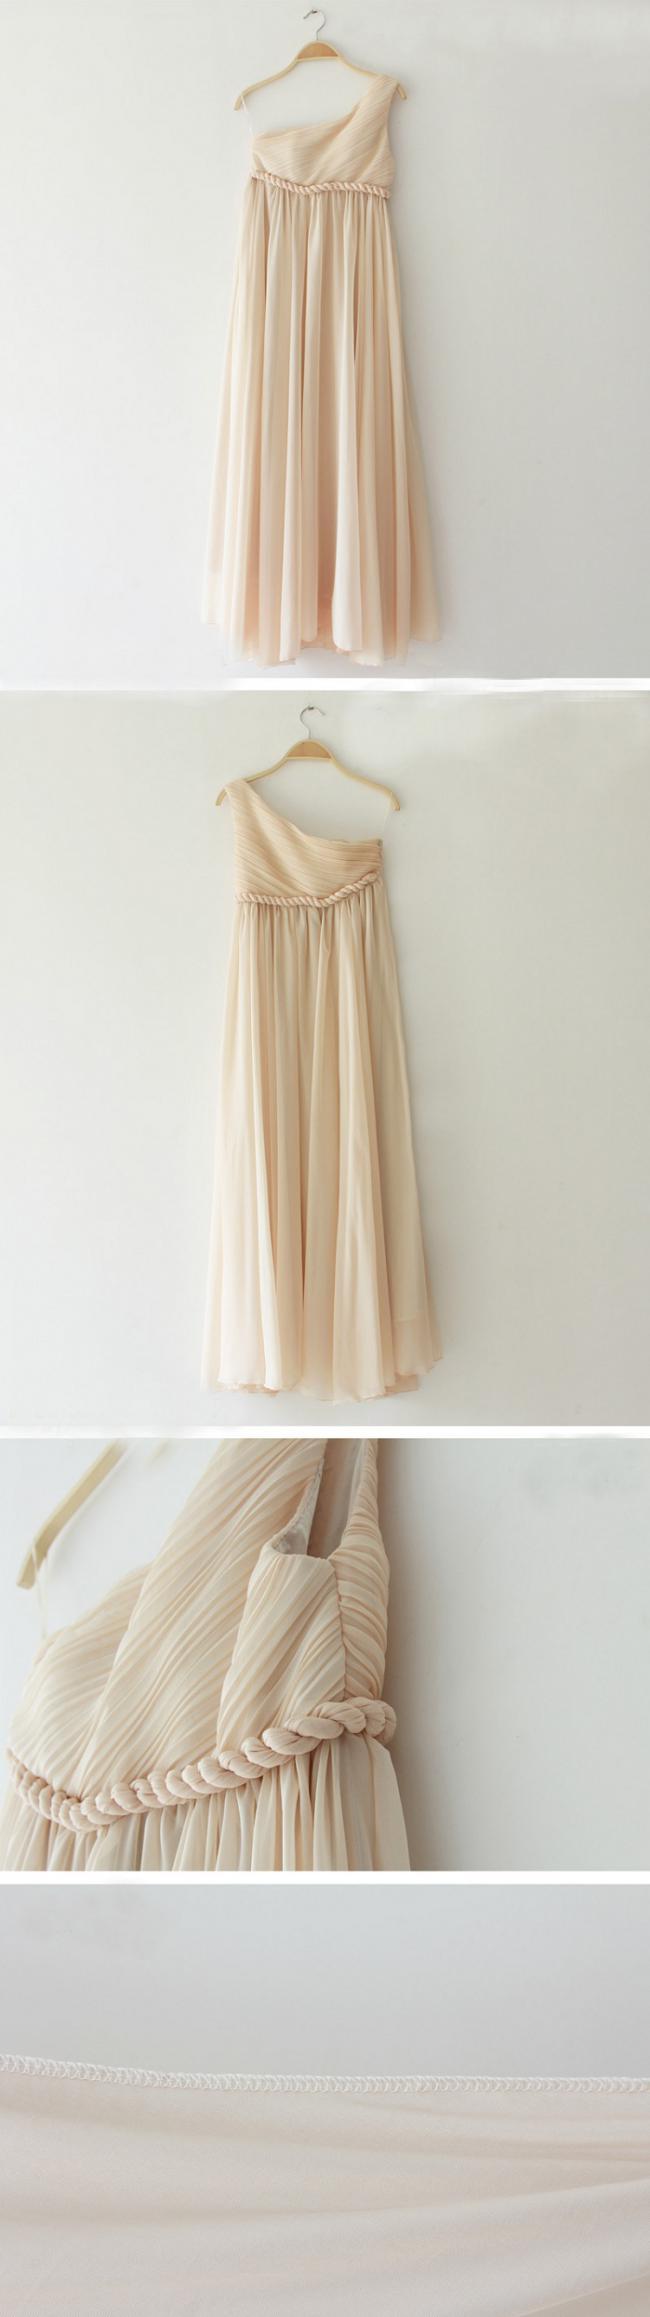 Váy Đẹp Sài Gòn - ĐẦM DẠ HỘI LỆCH VAI CAO CẤP 2